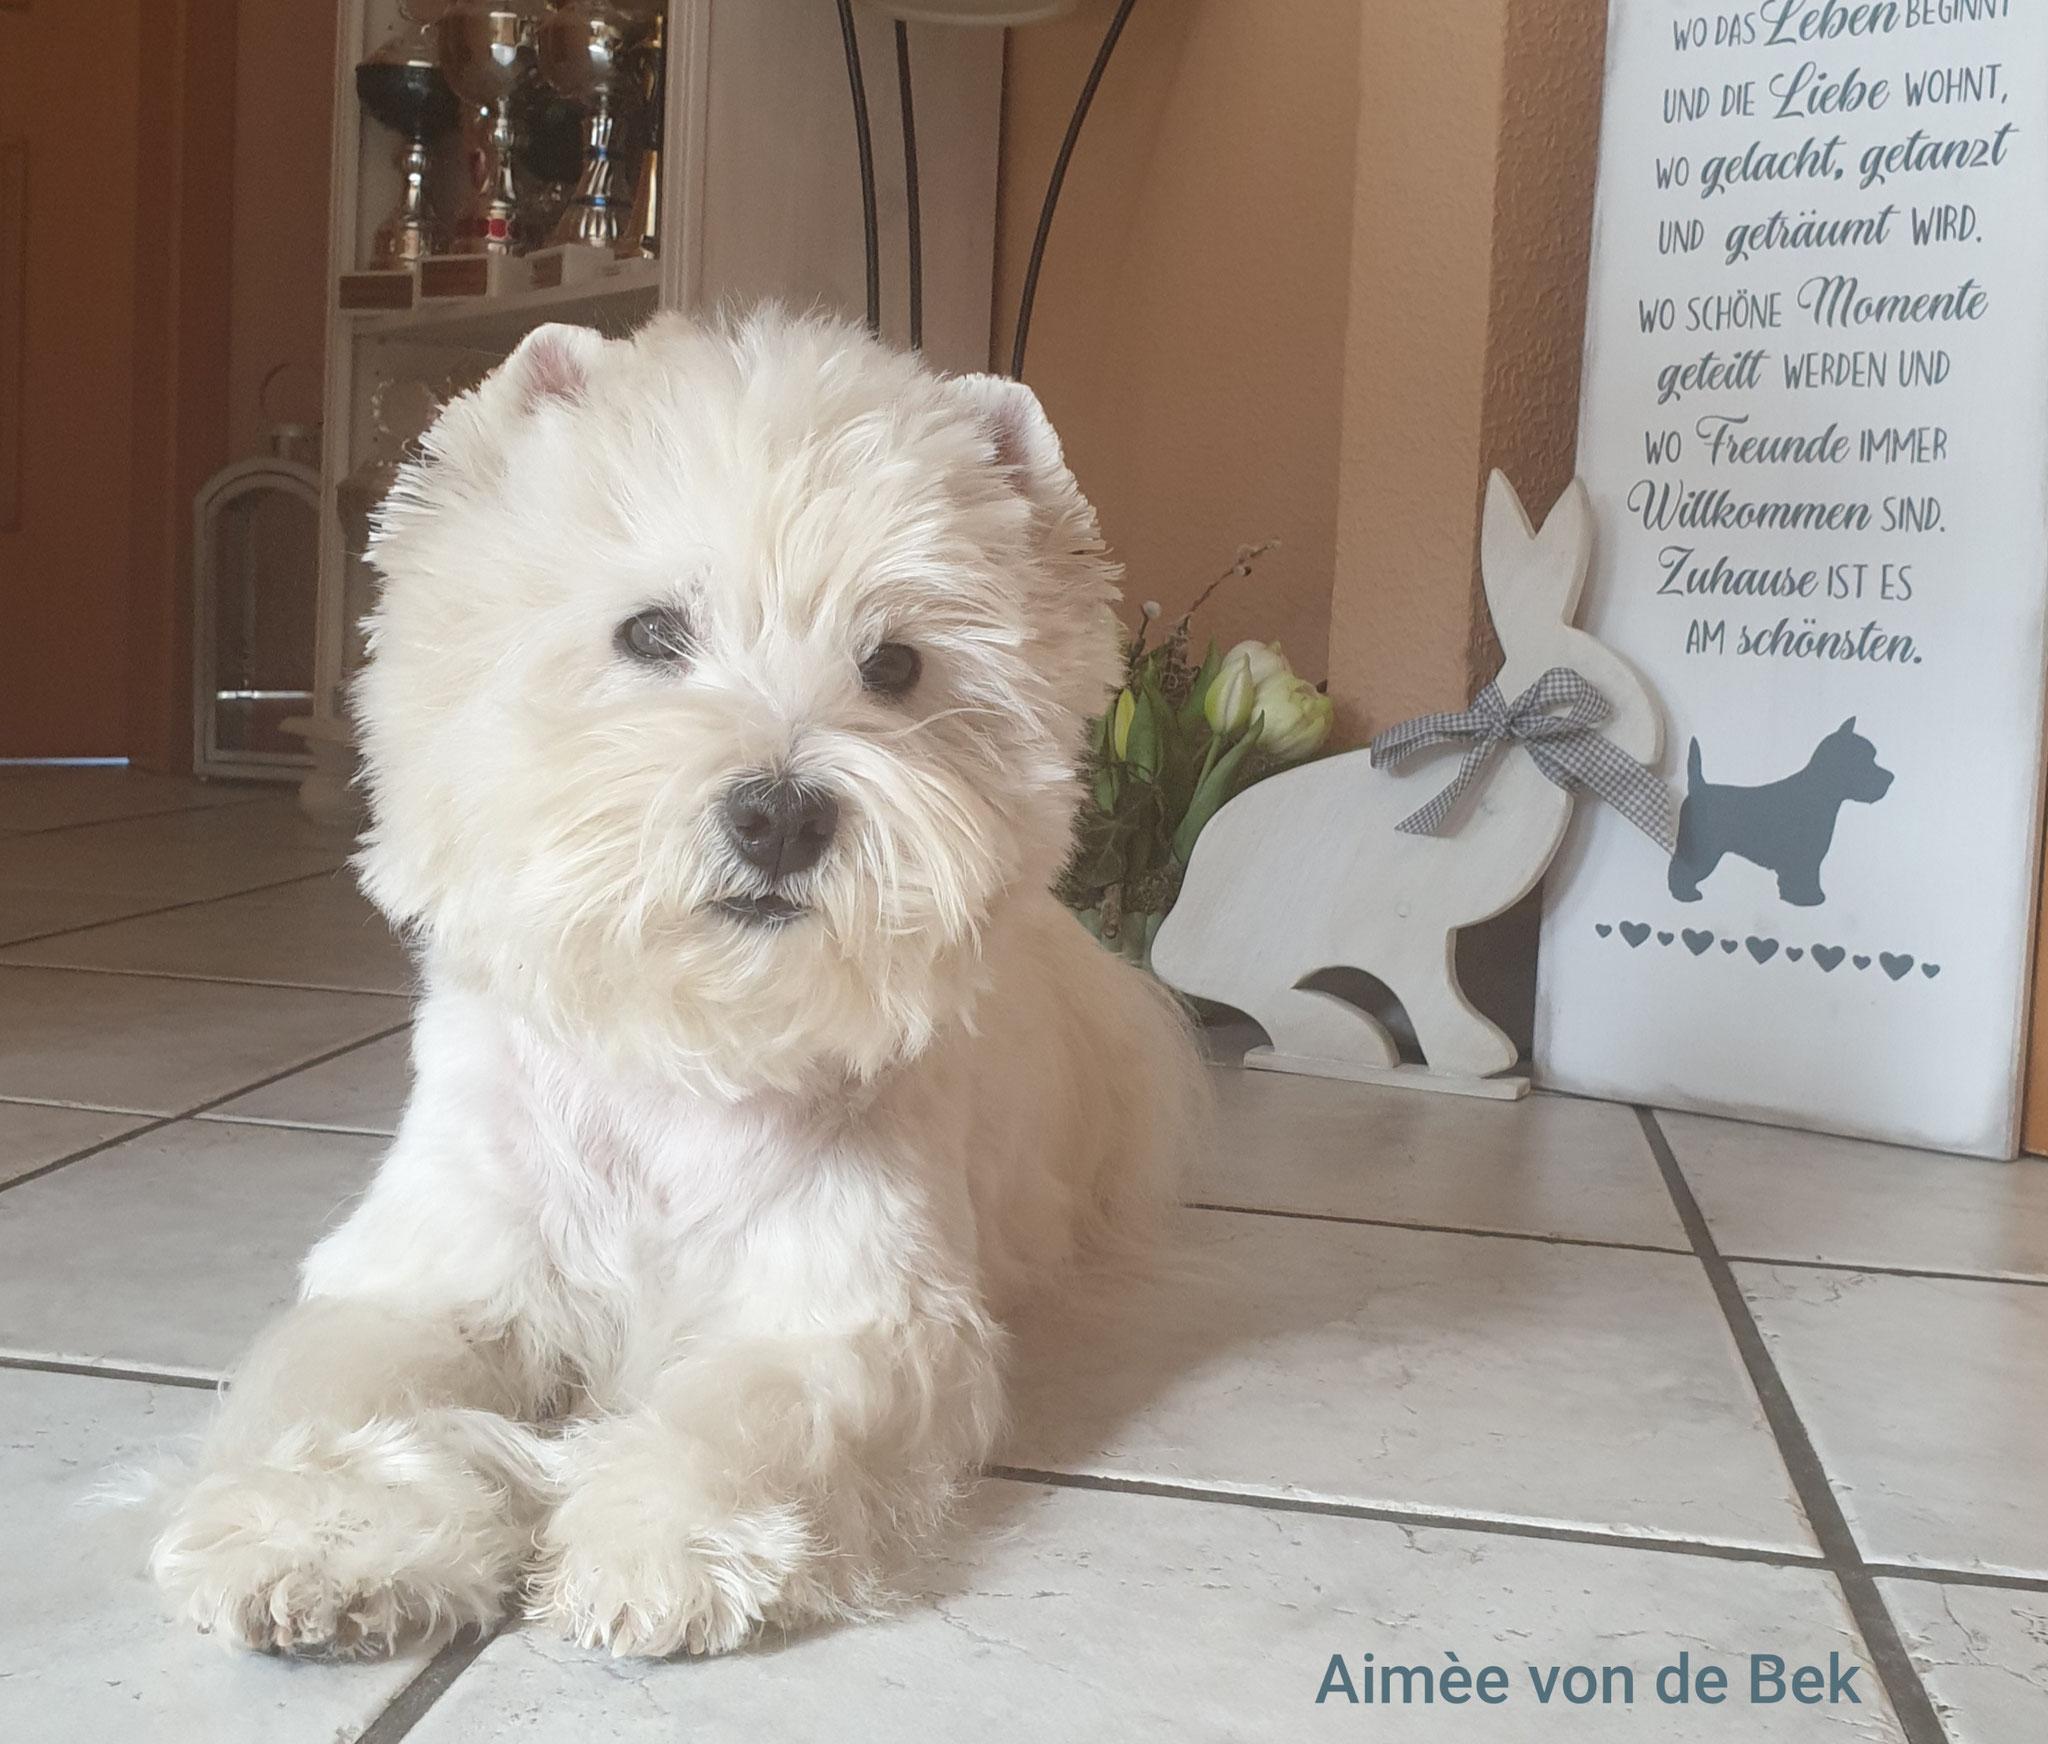 Aimée von de Bek 04/2020